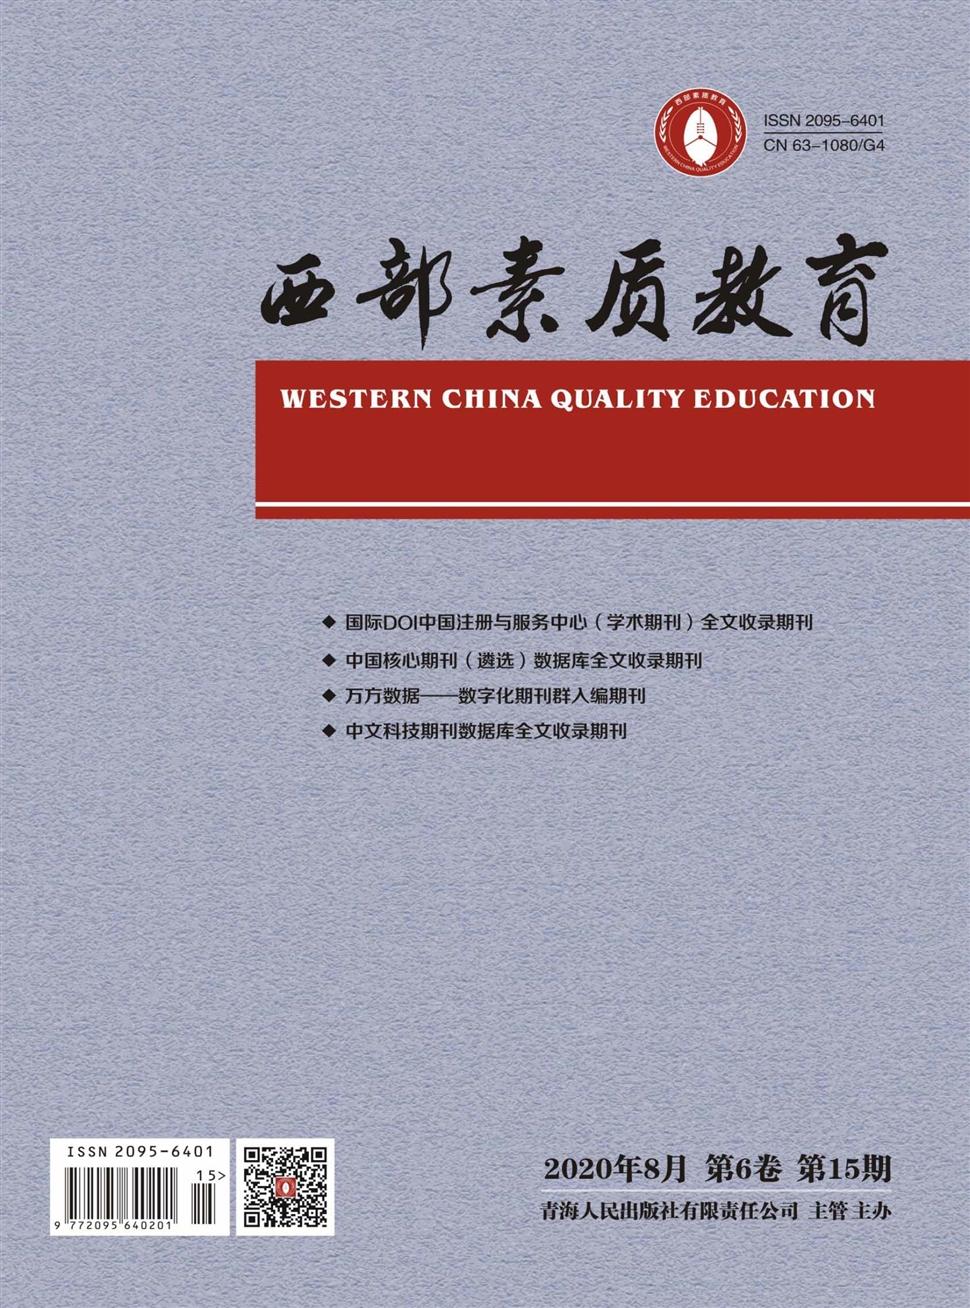 《西部素质教育》